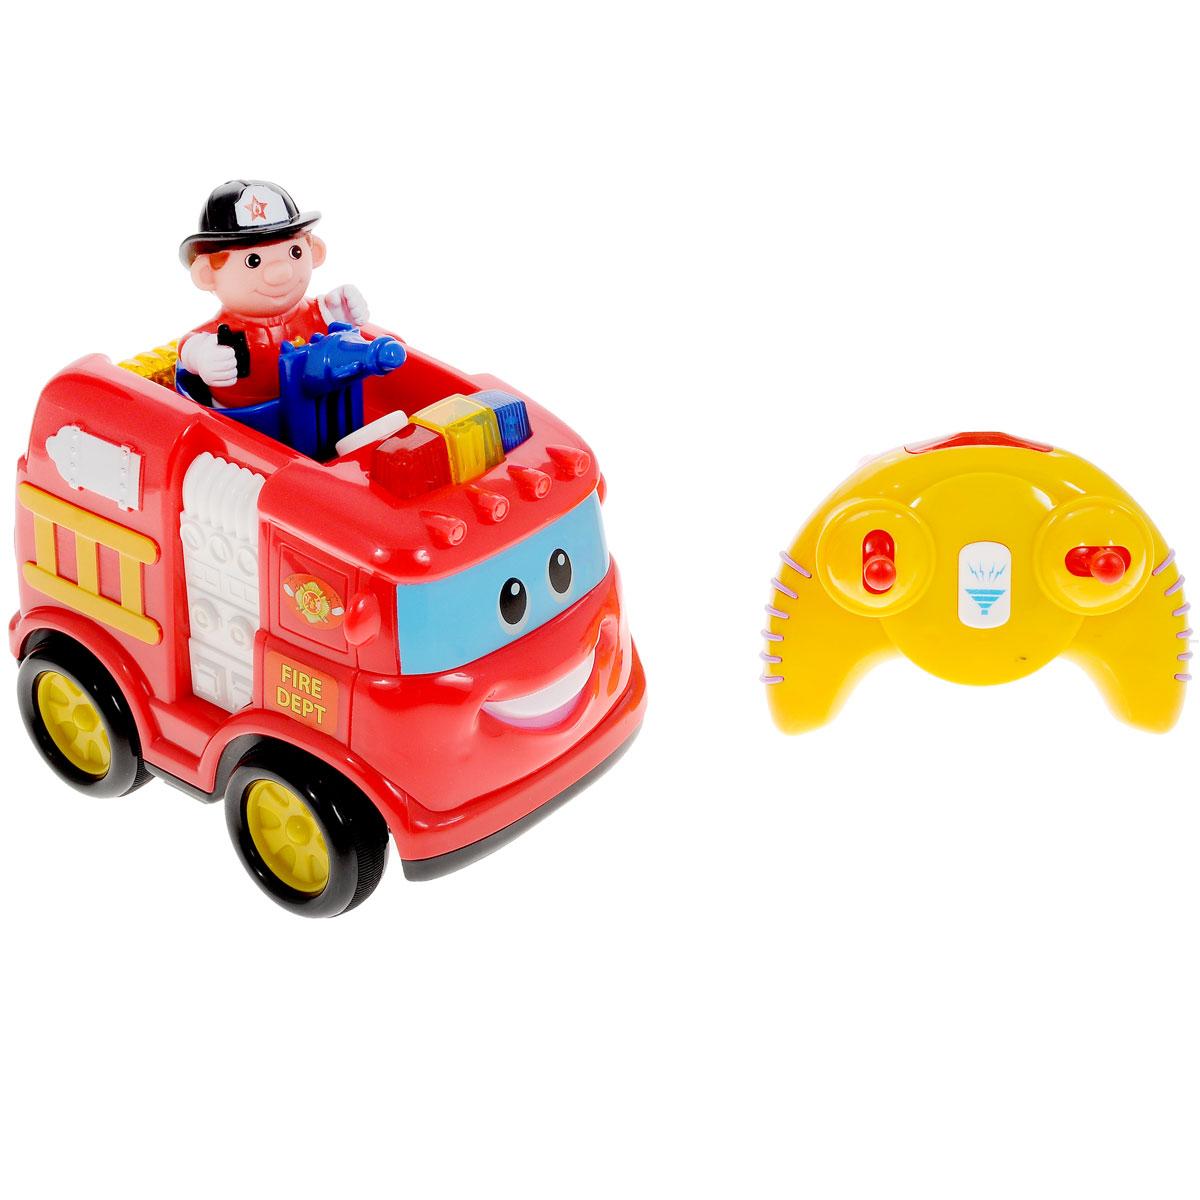 Kiddieland Развивающая игрушка Пожарная машина. KID 042929